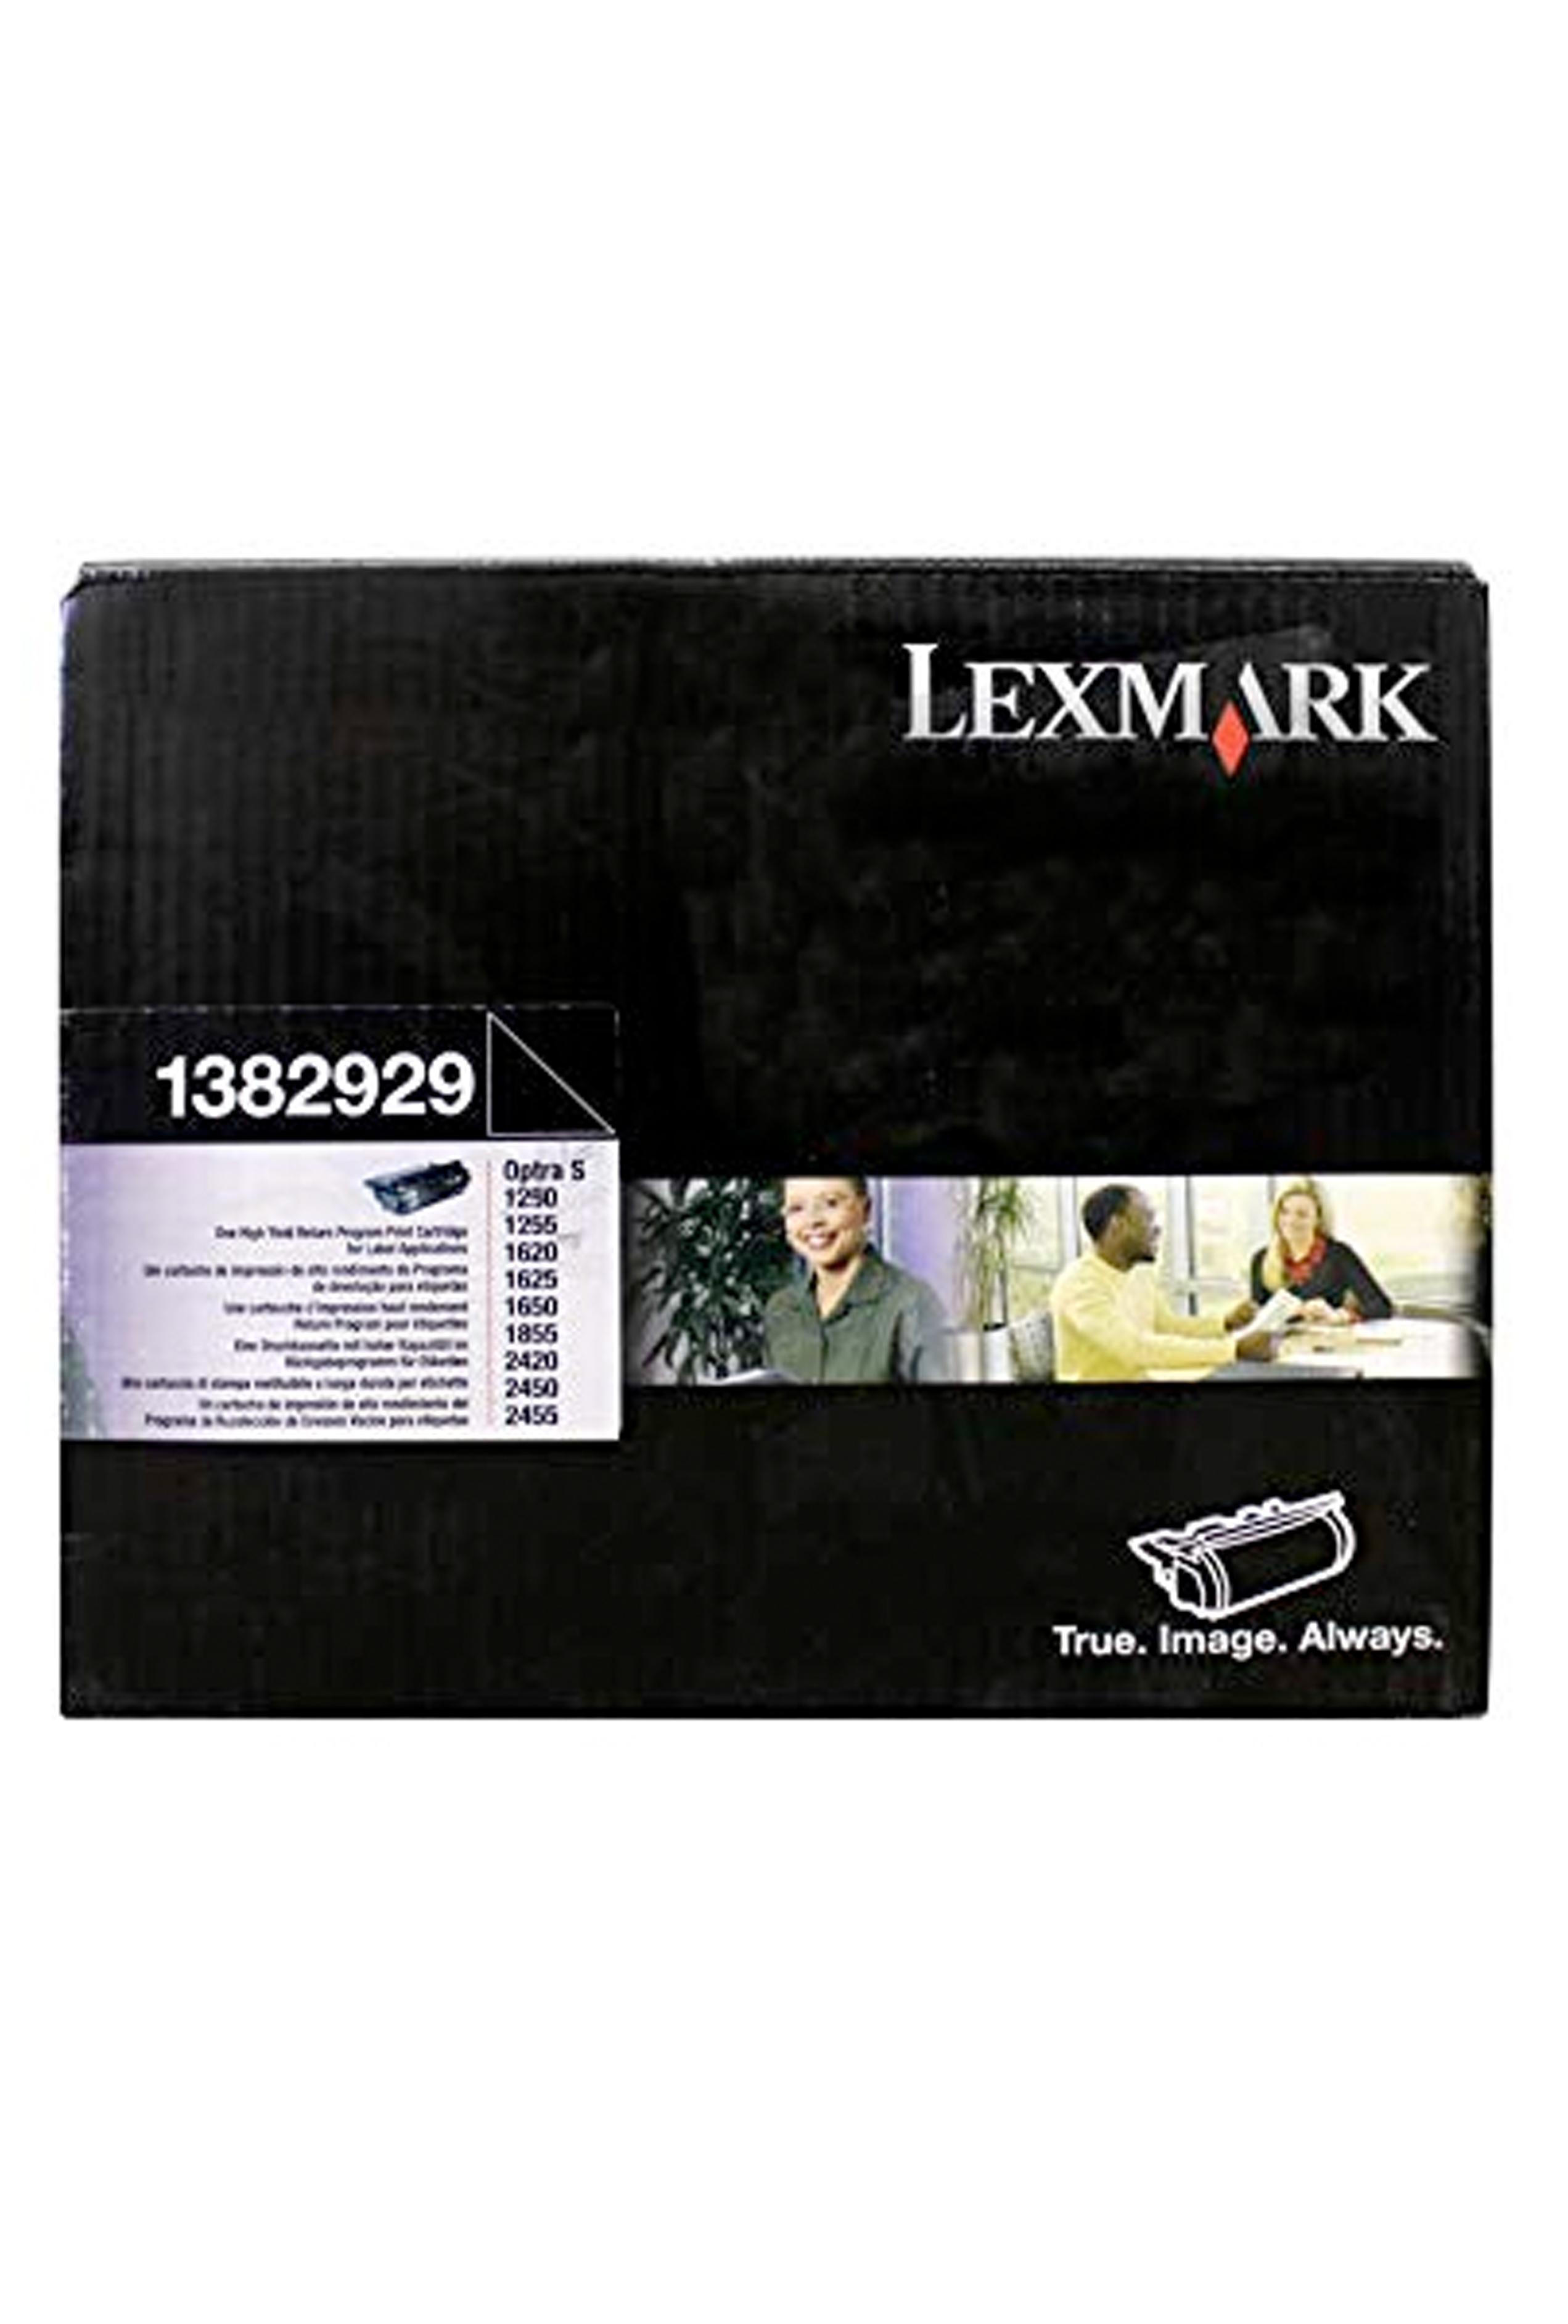 Lexmark LEXMARK OPTRA S 17.6K @5% RETURN PROG CARTRIDGE W/OIL FUSER CLEANER (1382929)